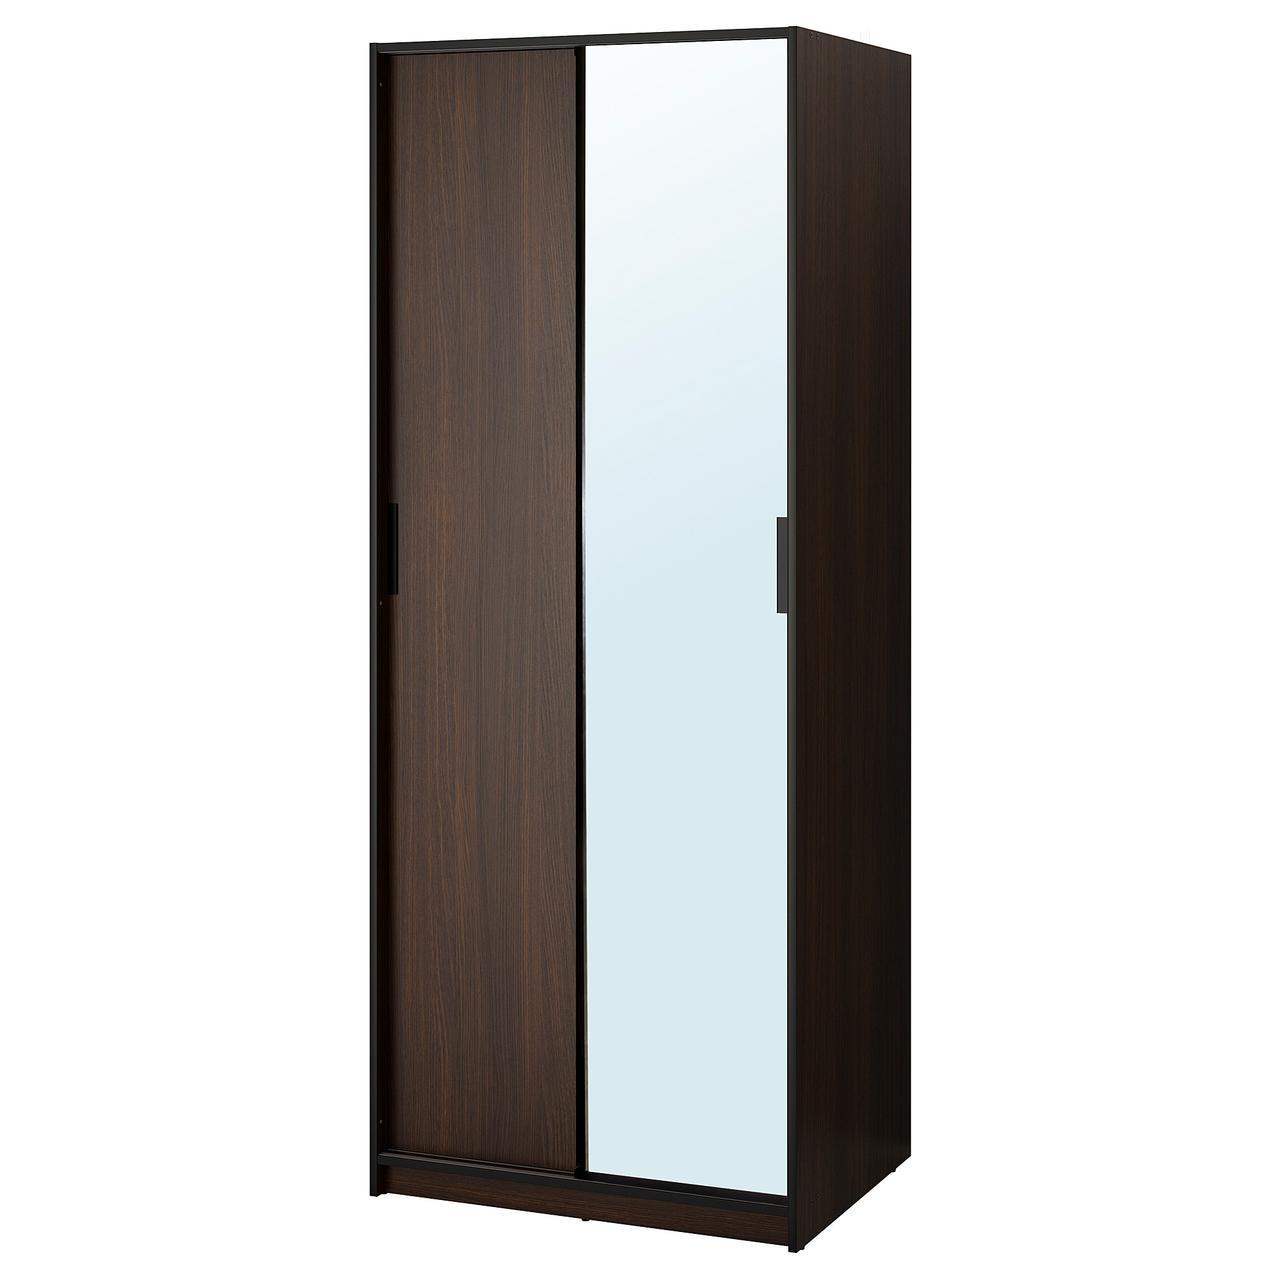 ТРИСИЛ Гардероб, темно-коричневый, зеркальное стекло